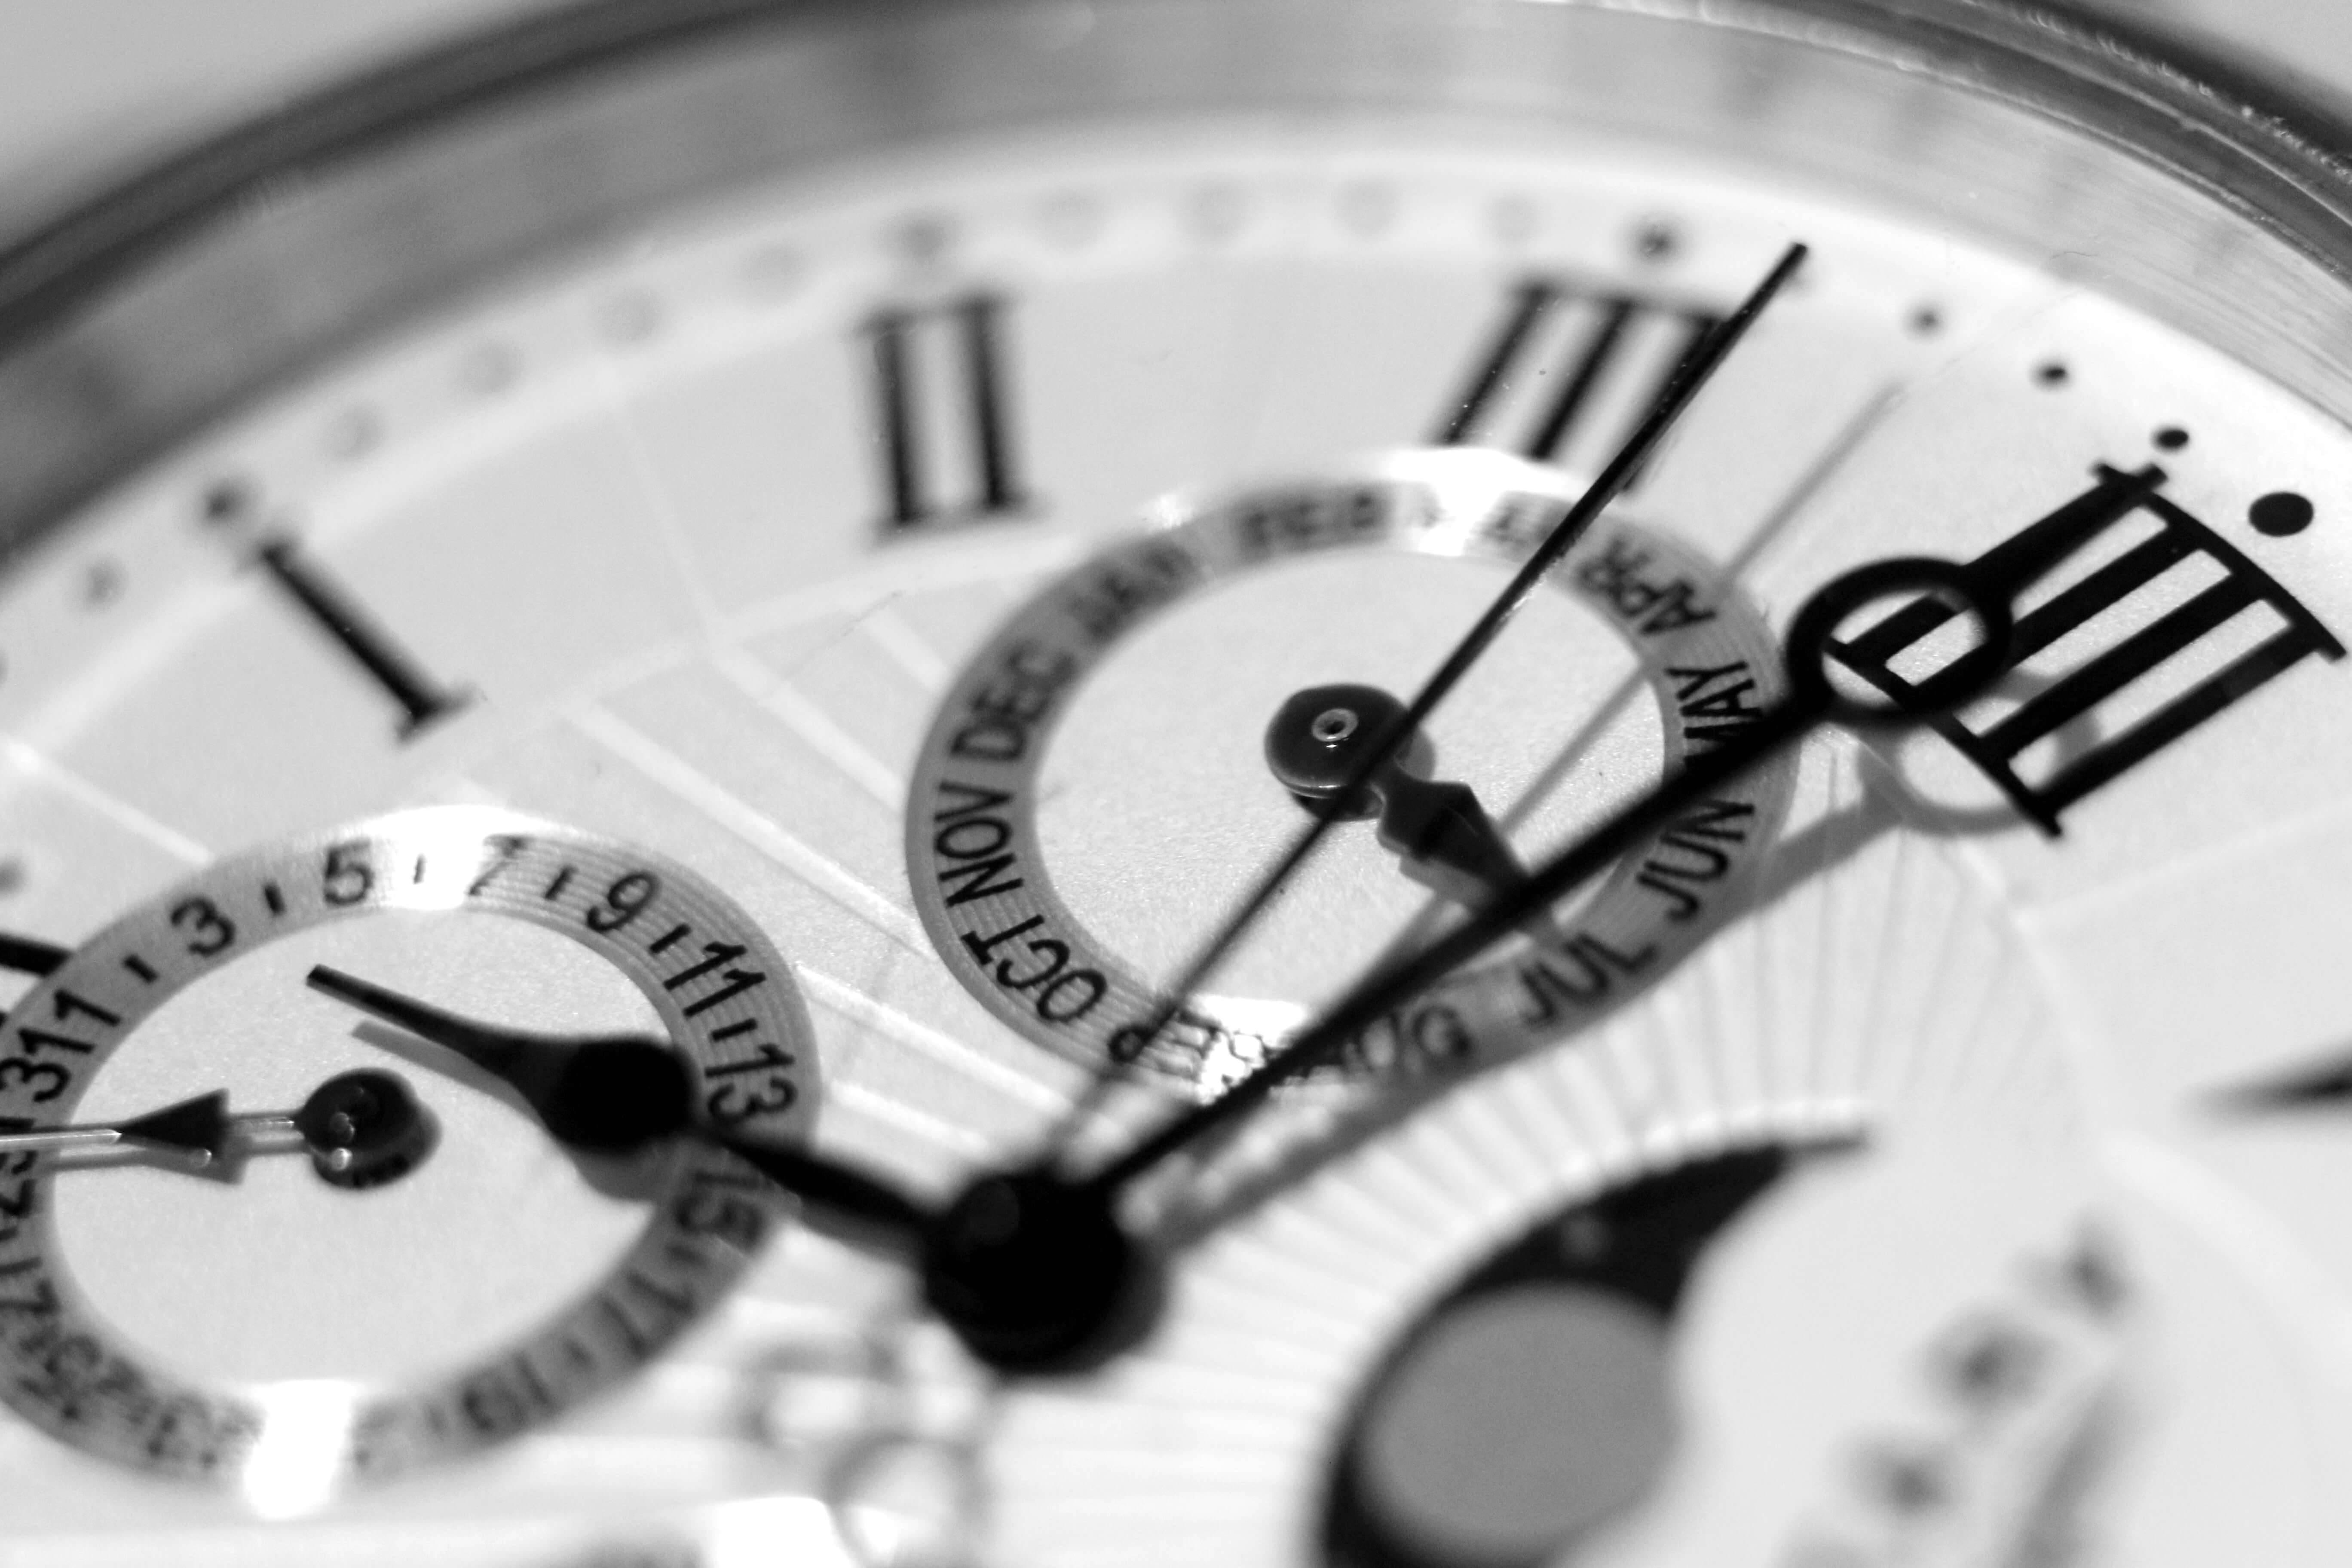 Benyar Watch